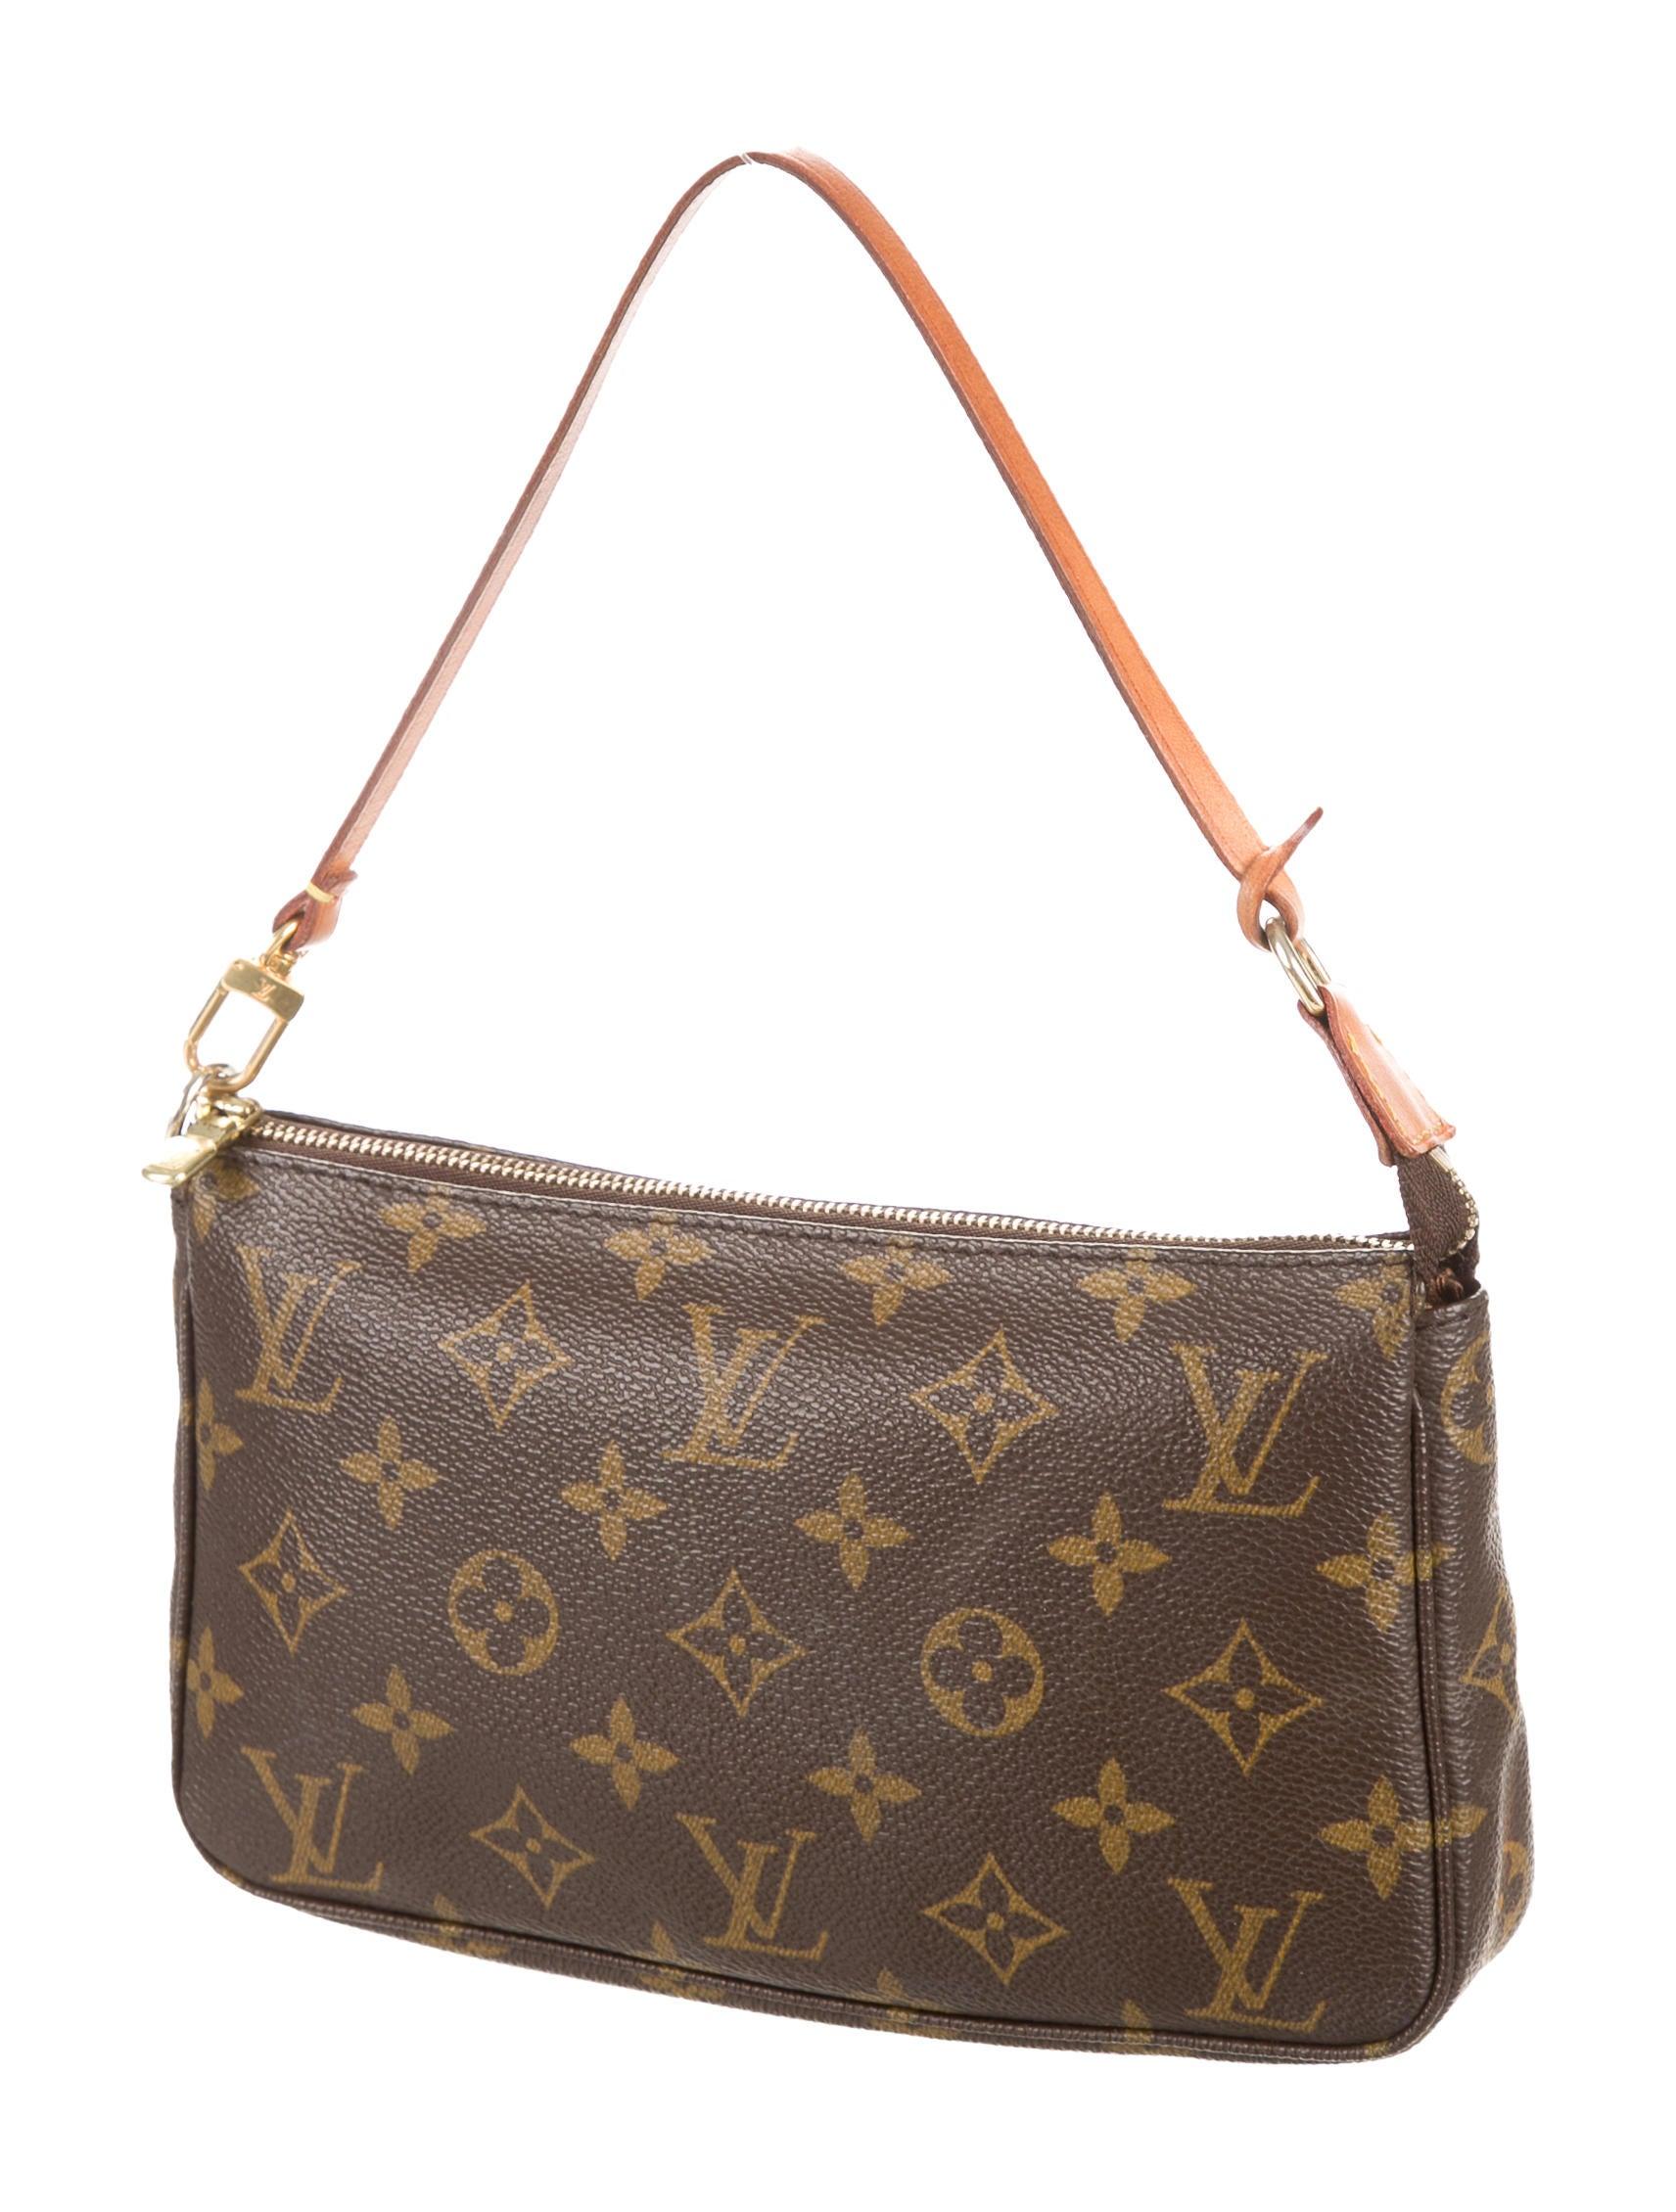 Contemporary Accessories Home Decor Louis Vuitton Monogram Pochette Accessoires Handbags